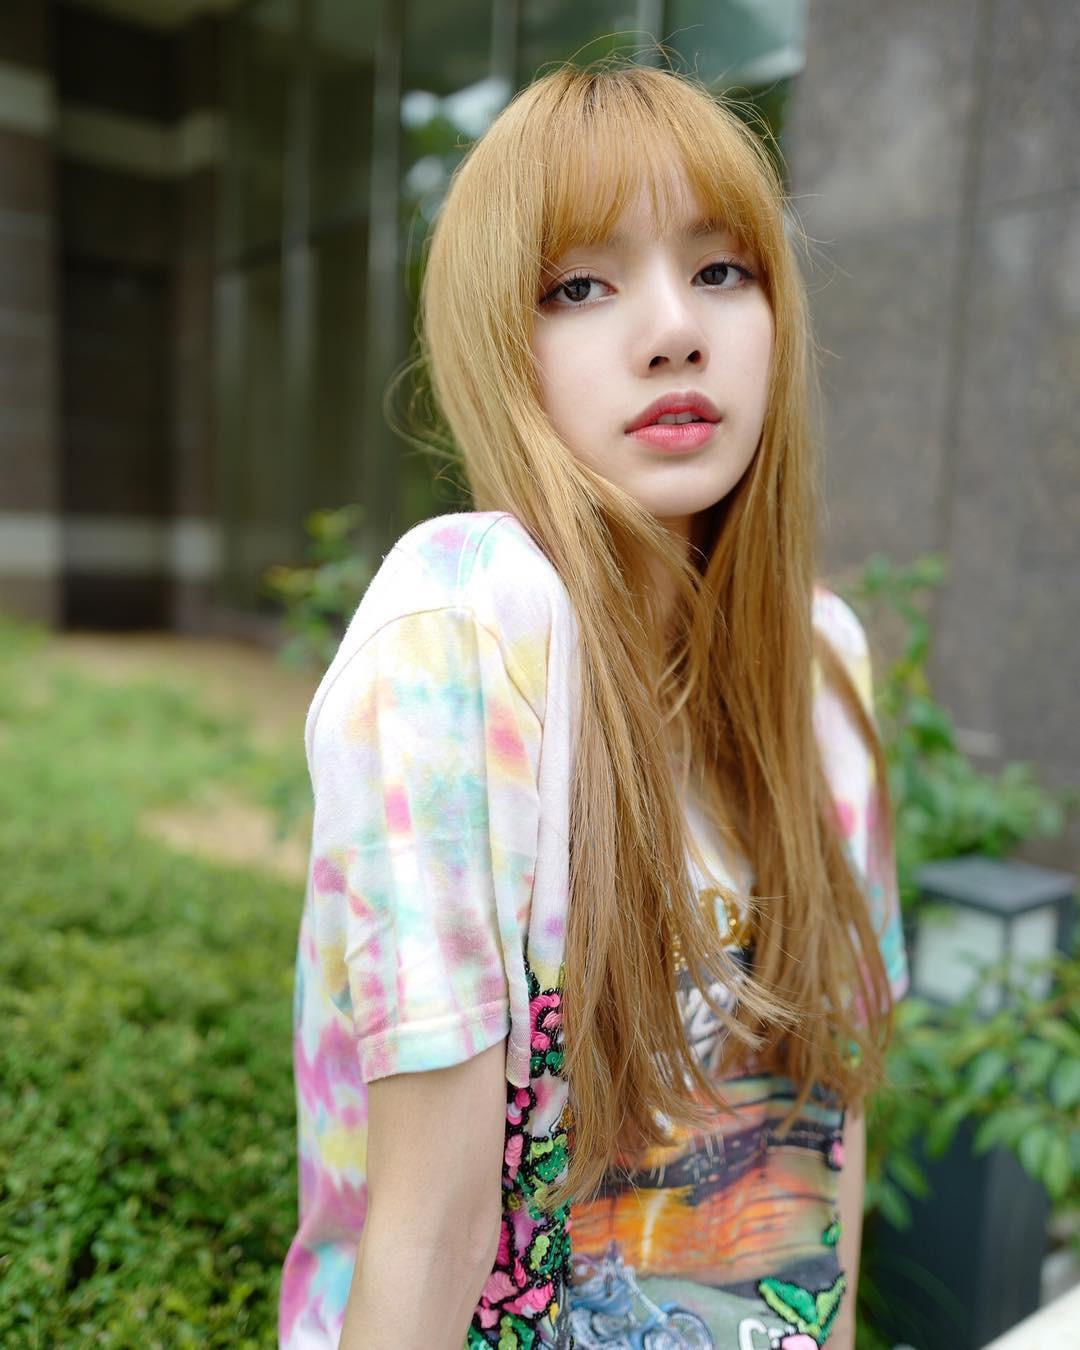 Lisa (Black Pink): Báo Thái tiết lộ về bố nuôi Lisa nổi tiếng gây chú ý - Ảnh 2.